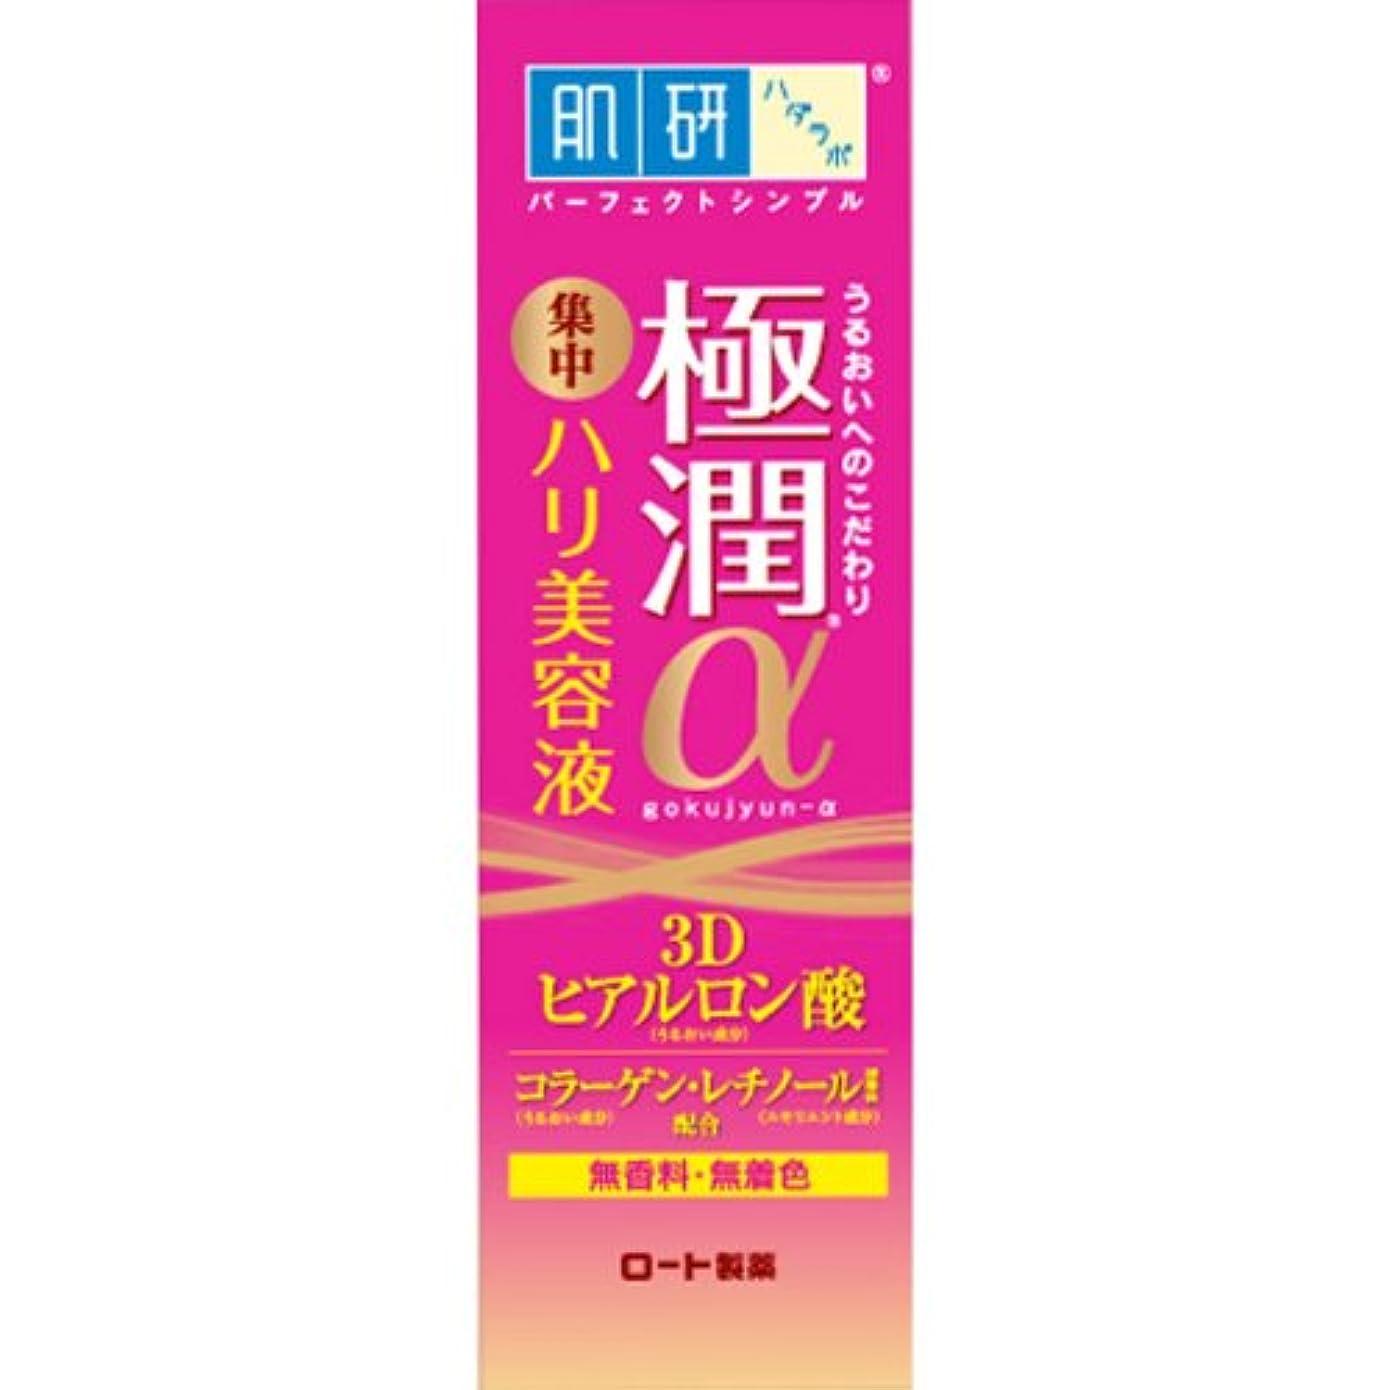 欲望にロバ肌研(ハダラボ) 極潤 αハリ美容液 30g